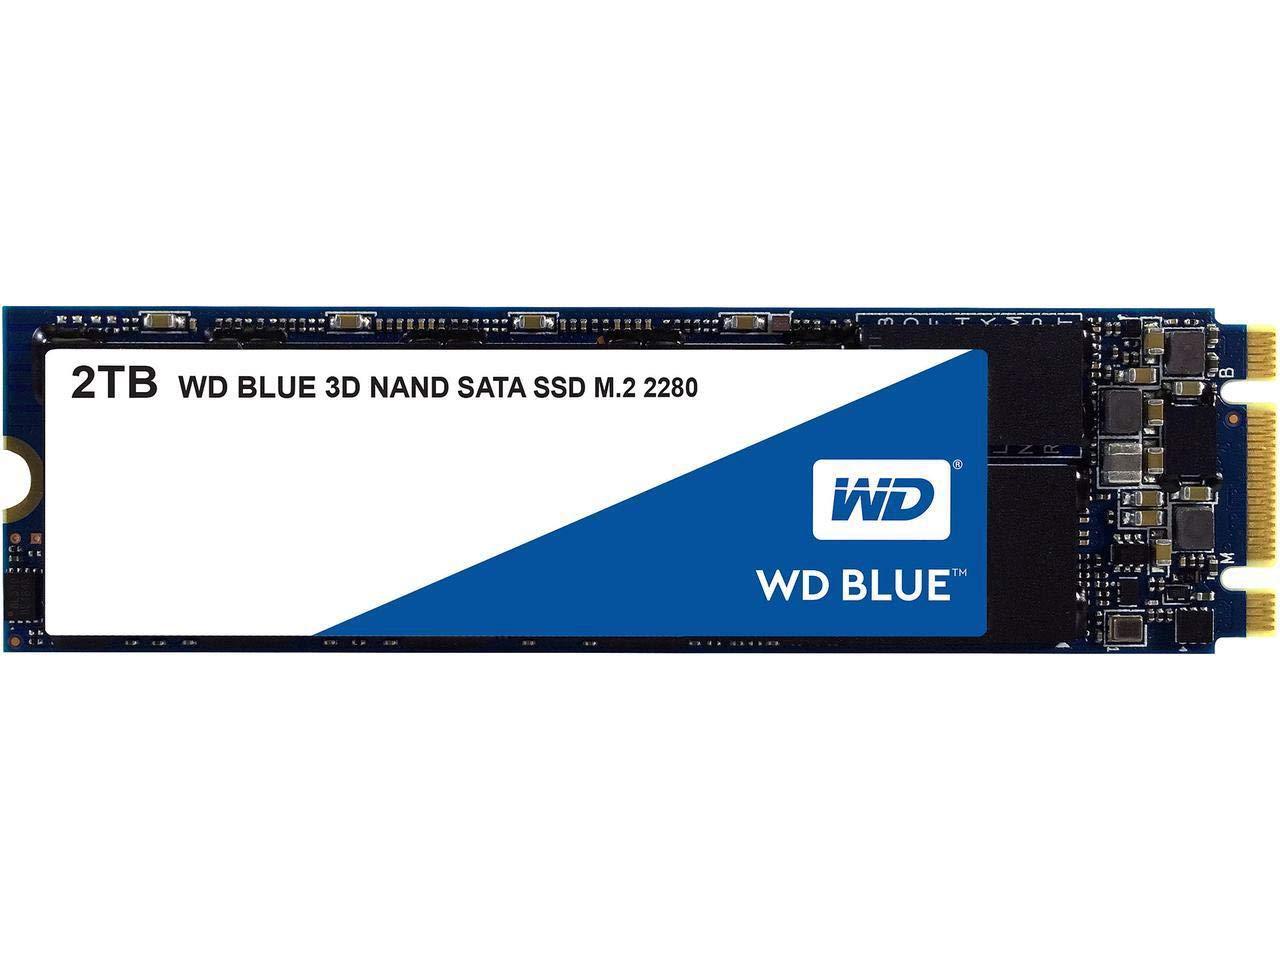 WD Blue 3D NAND 2TB PC SSD - SATA III 6 Gb/s, M.2 2280 - WDS200T2B0B by Western Digital (Image #1)